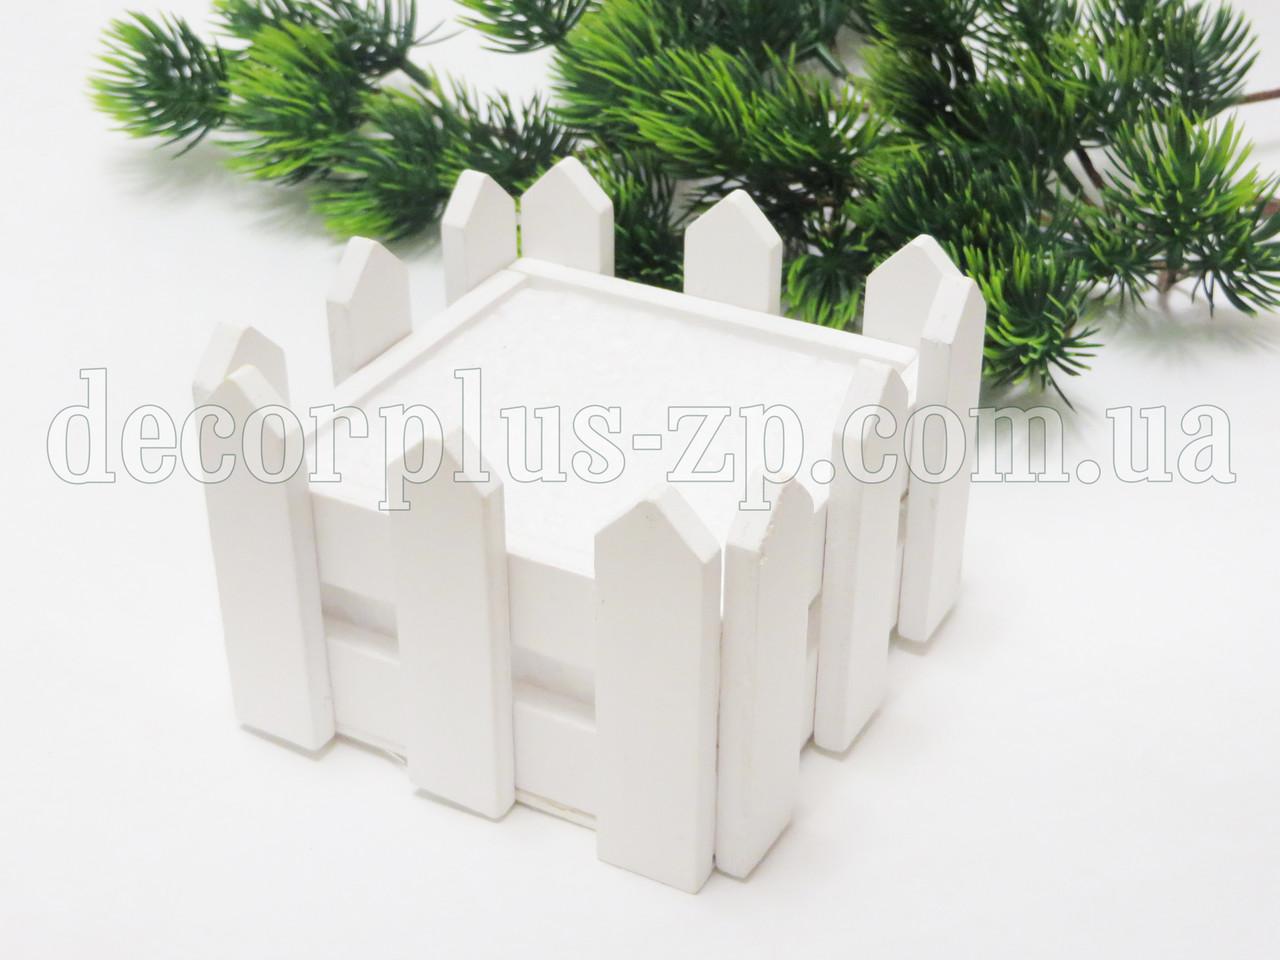 Кашпо-заборчик квадратное ,с пенопластом